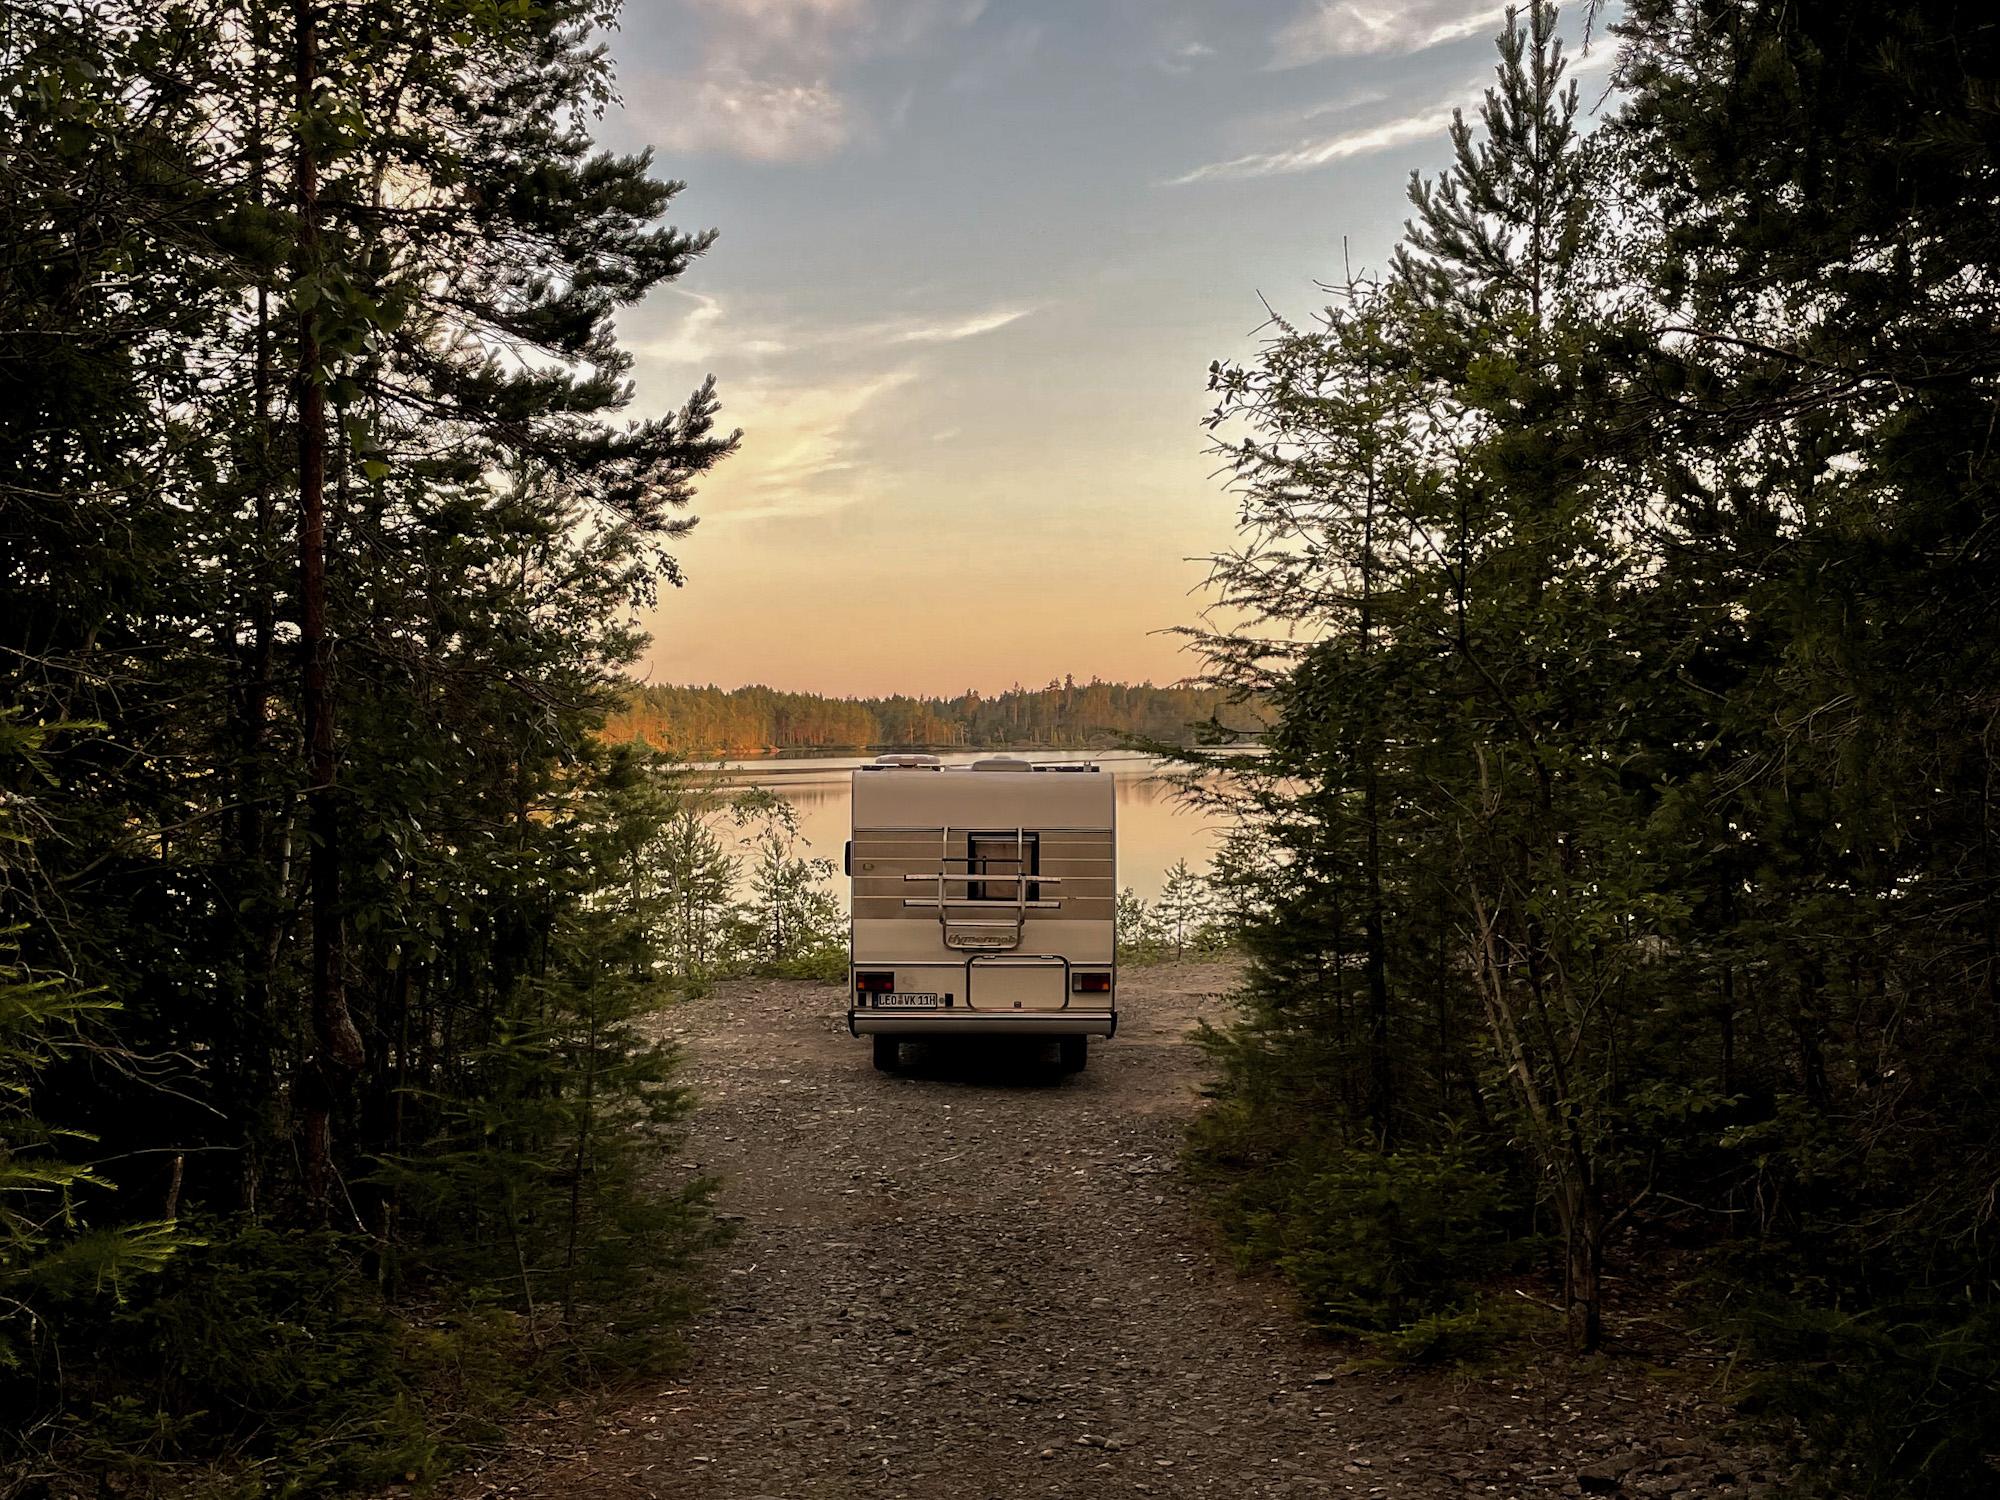 Mit dem Wohnmobil in Schweden: 9 Tipps für nachhaltiges Reisen